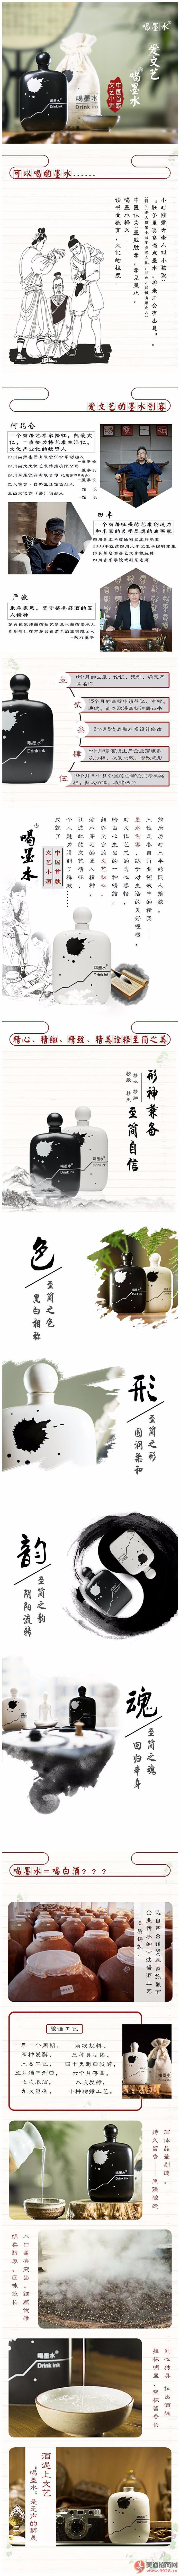 四川润果饮品有限公司招商政策